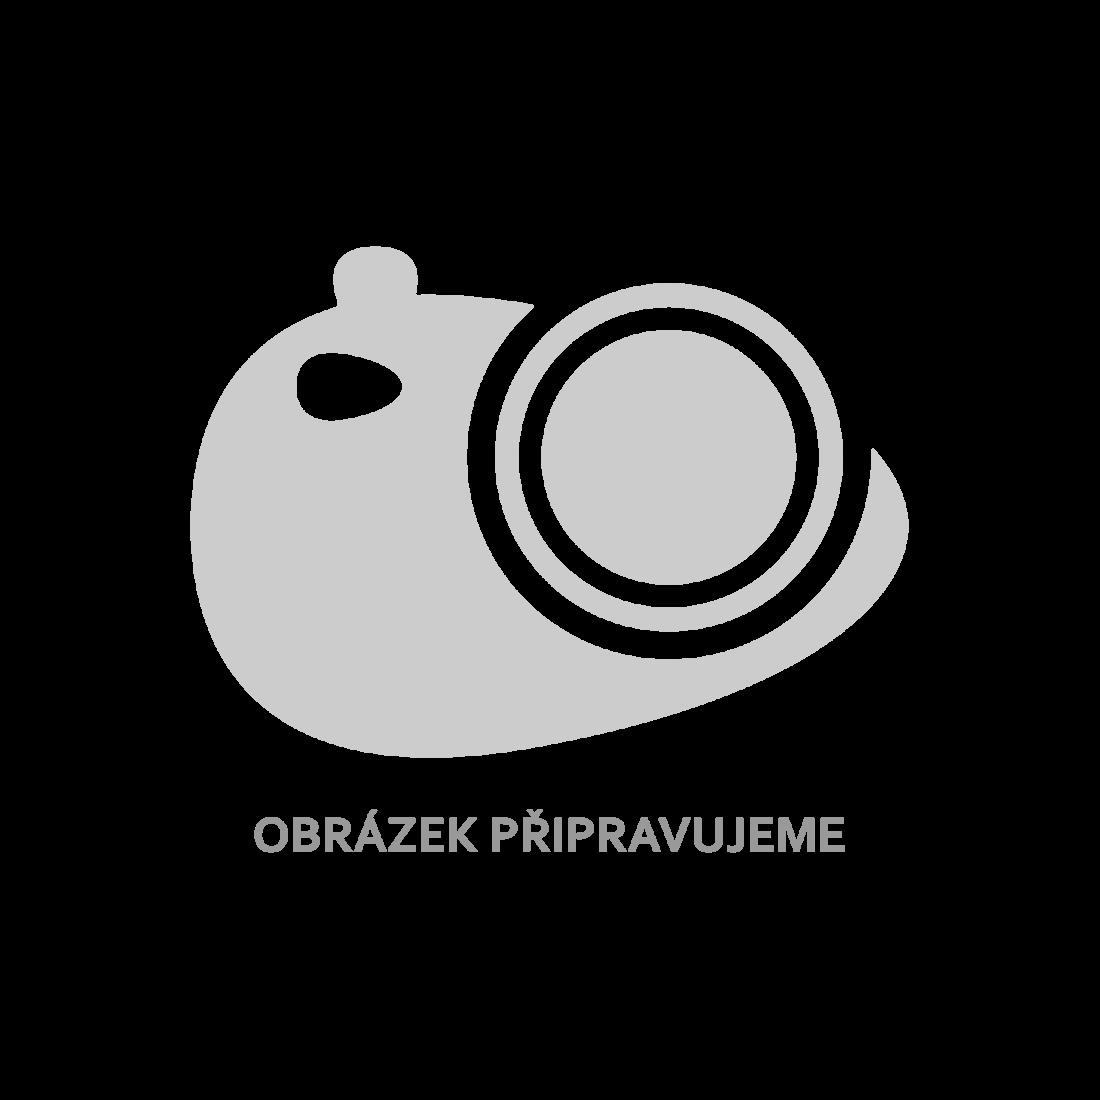 4 modré povlaky na polštářky bavlna 80 x 80 cm